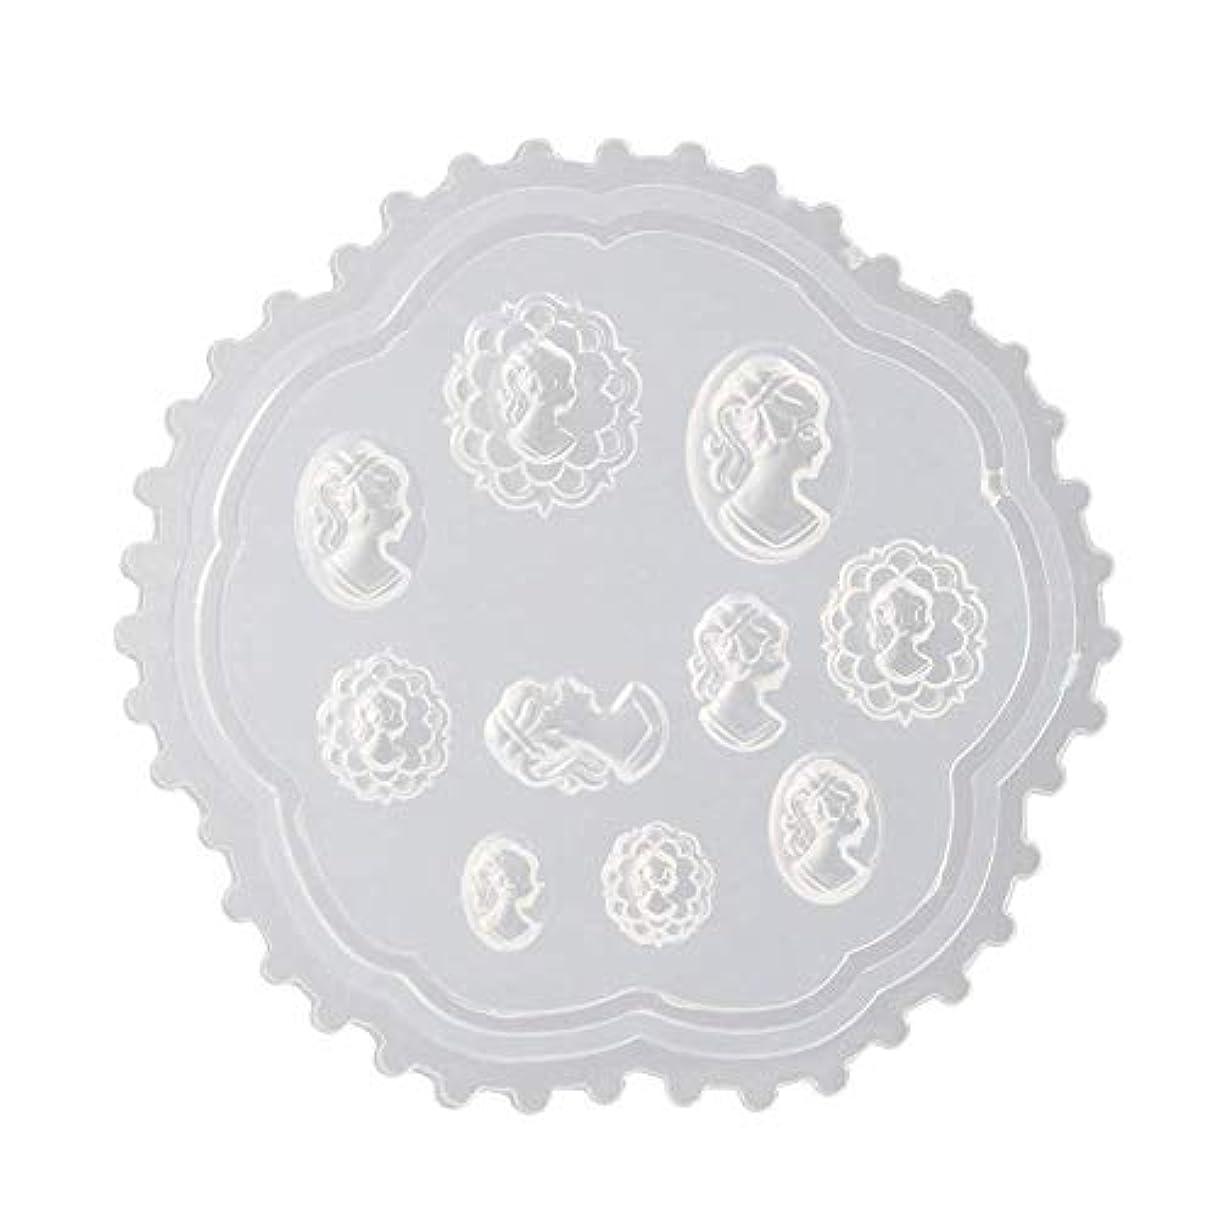 添加窓を洗う到着coraly 3Dシリコンモールド ネイル 葉 花 抜き型 3Dネイル用 レジンモールド UVレジン ネイルパーツ ジェル ネイル セット アクセサリー パーツ 作成 (2)